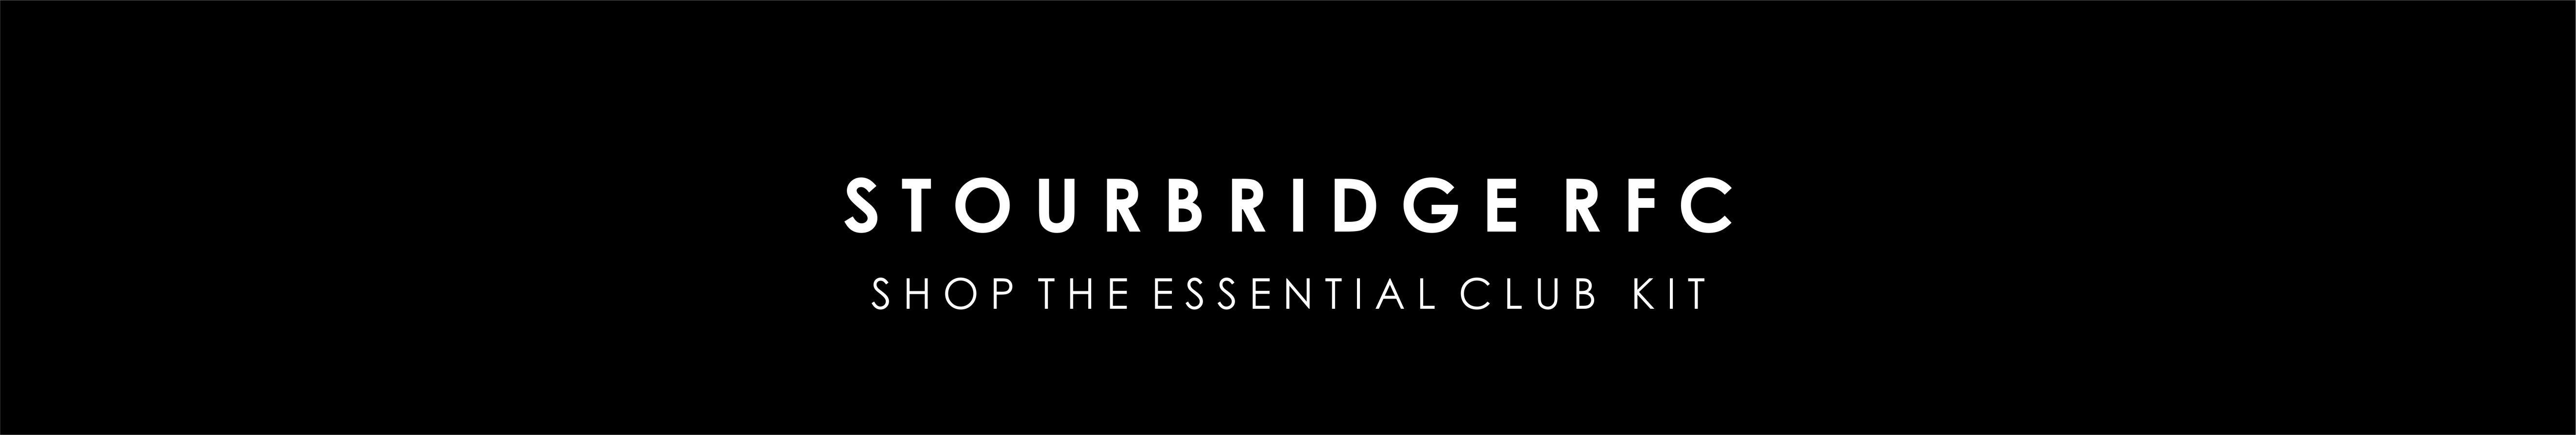 stourbridge-banner.jpg